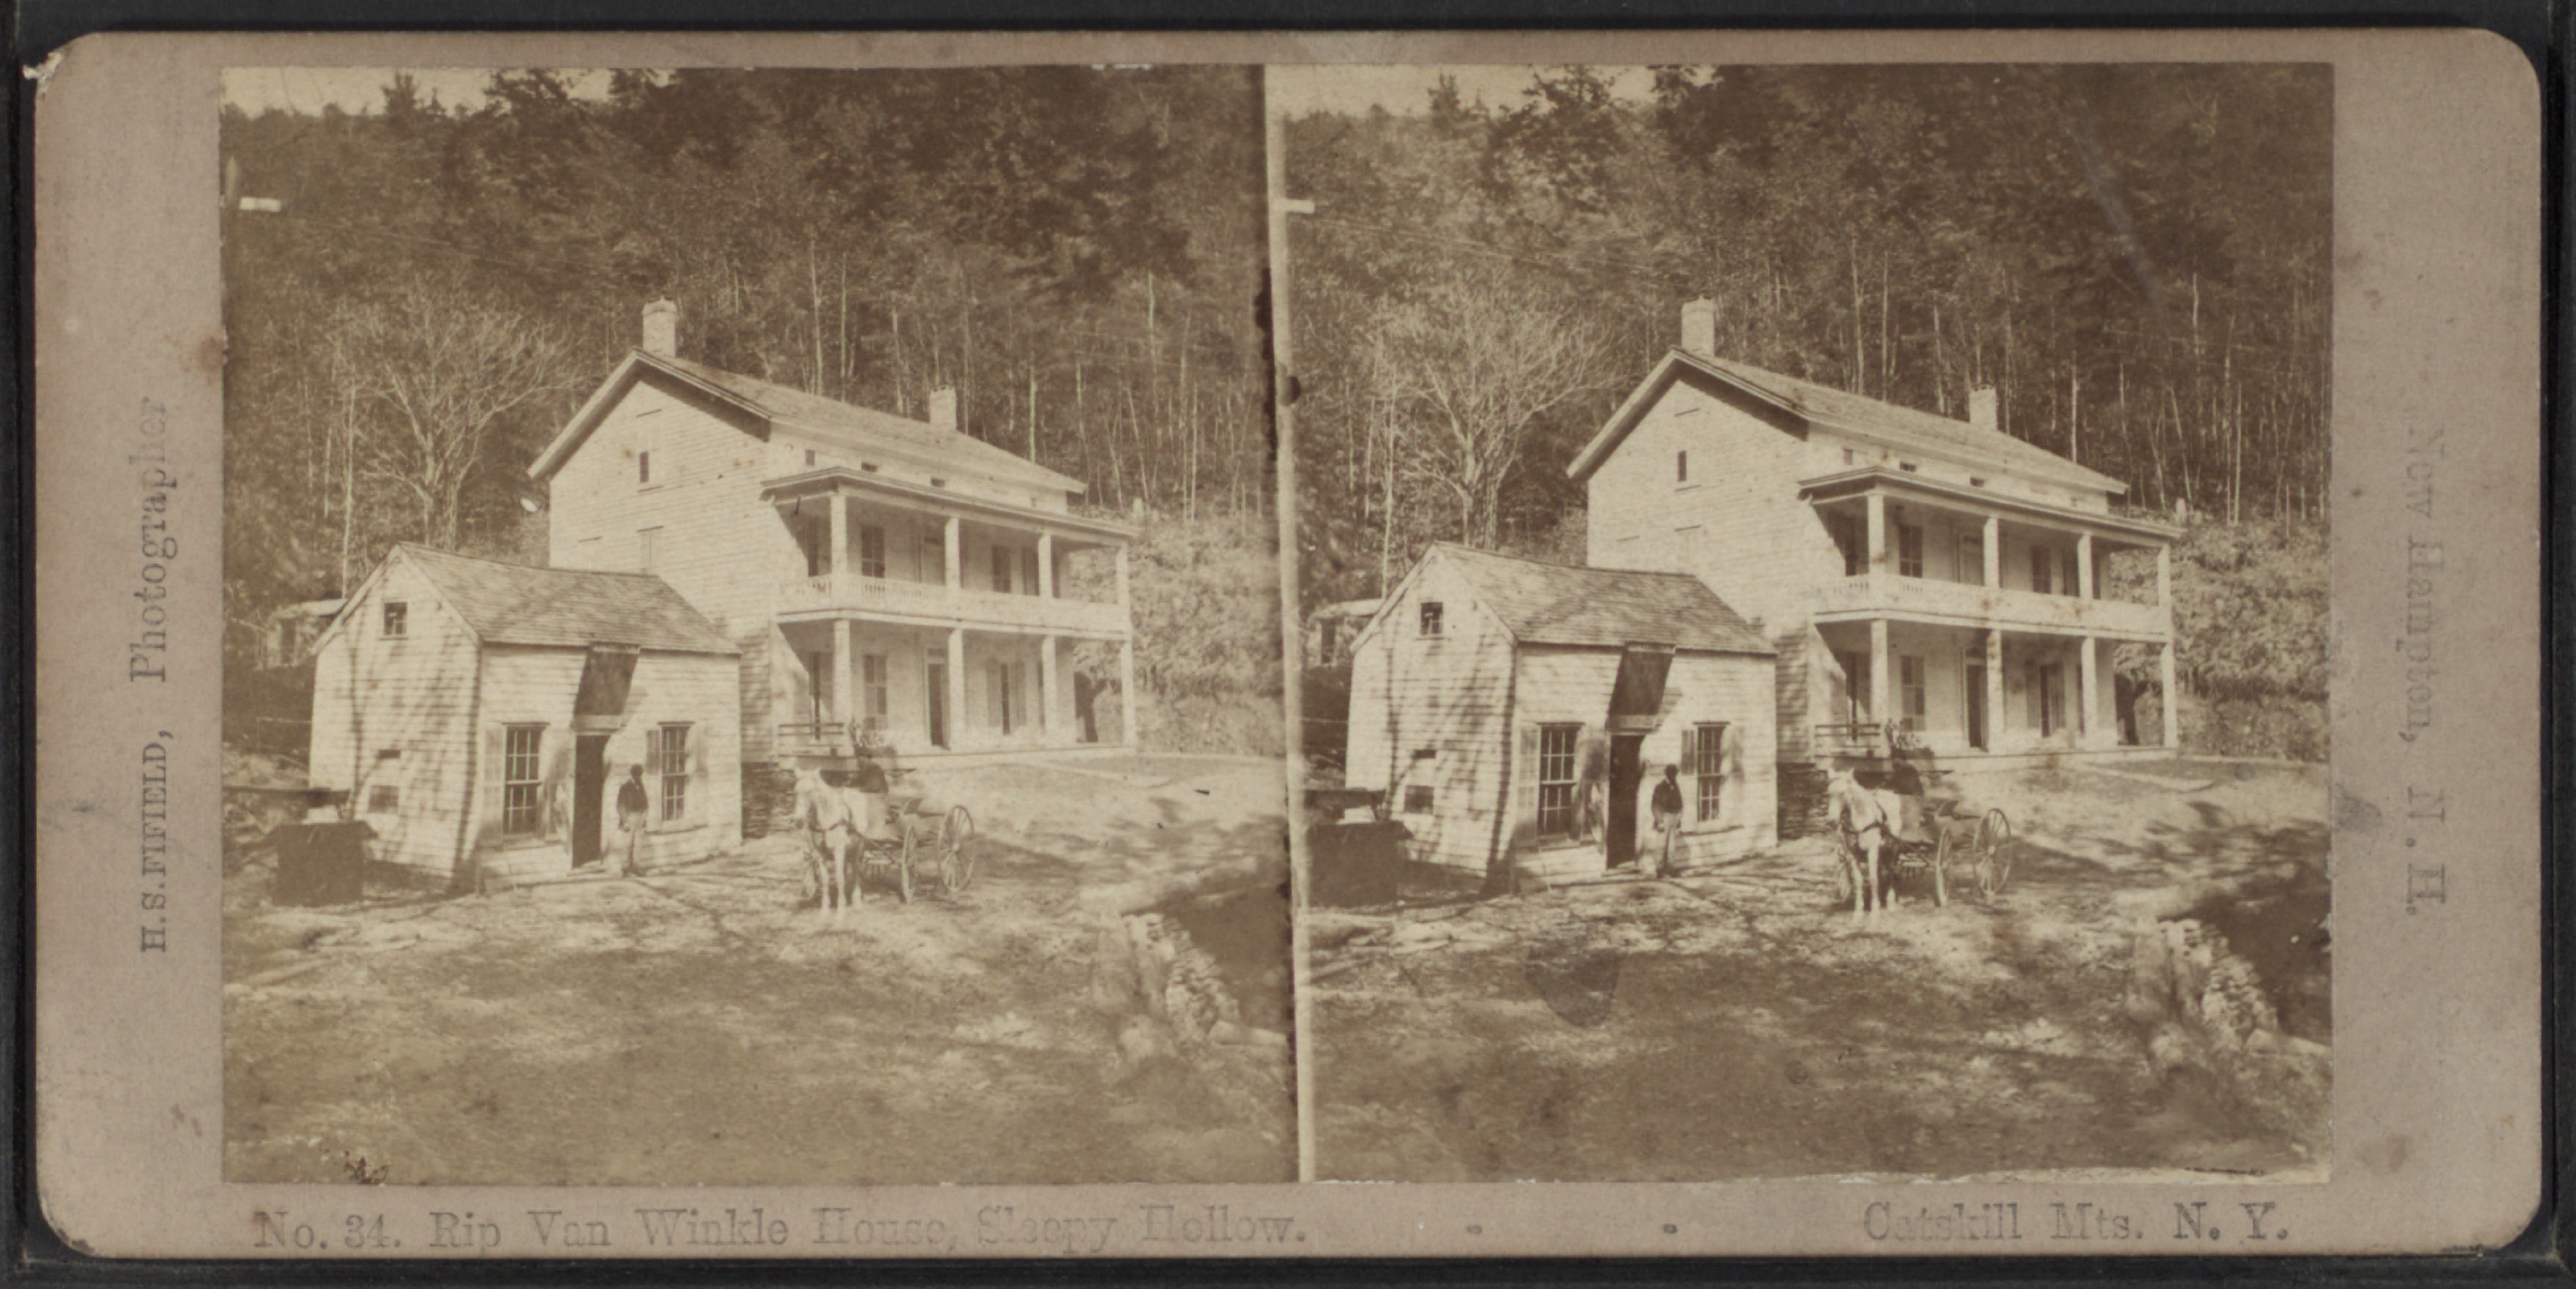 File Rip Van Winkle House Sleepy Hollow Catskill Mts N